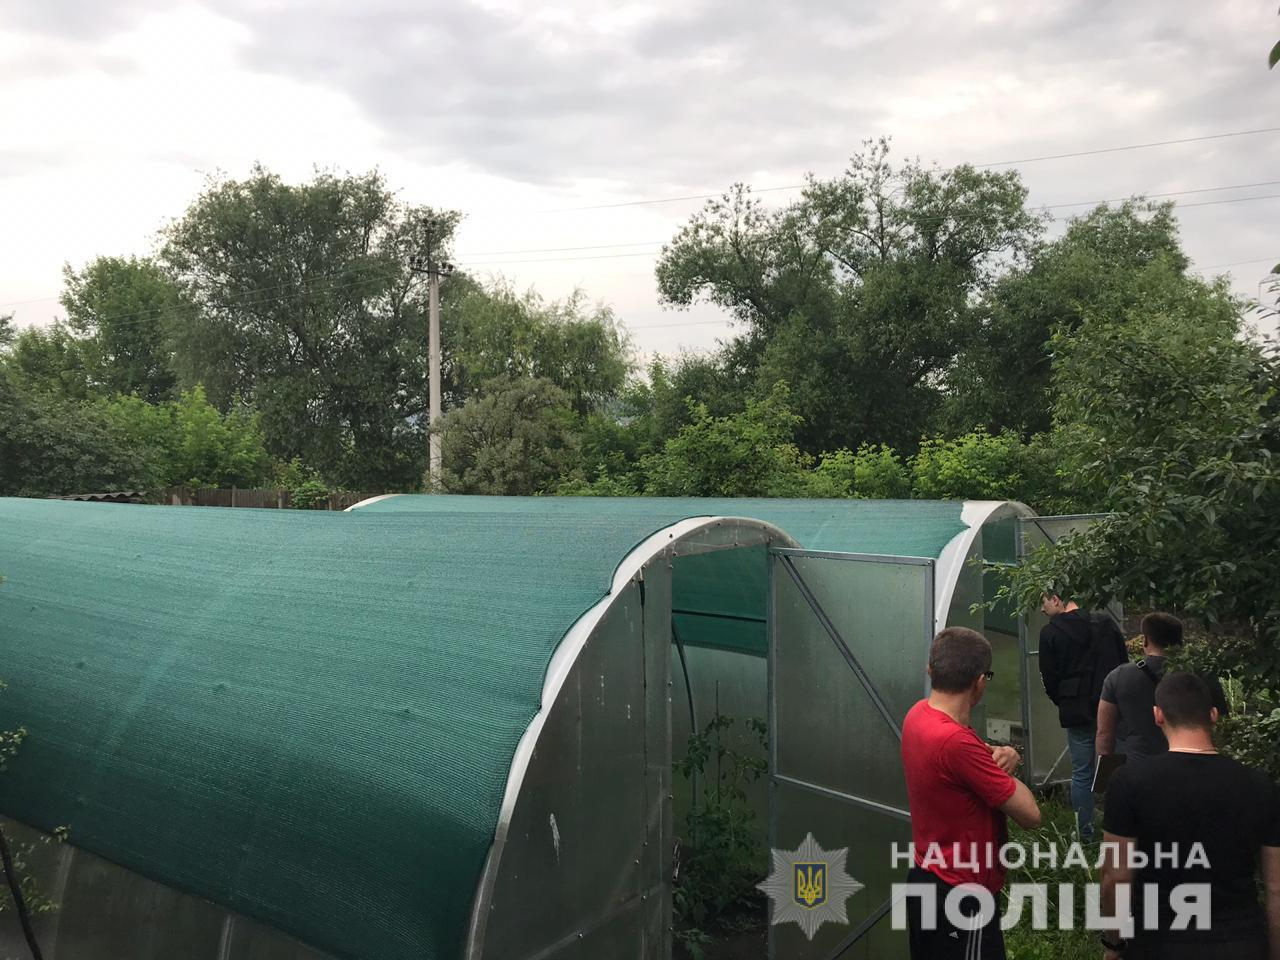 Teplyz-Buch Уродженець Донецька, який тимчасово живе у Бучі, в теплиці виростив 30 кущів конопель